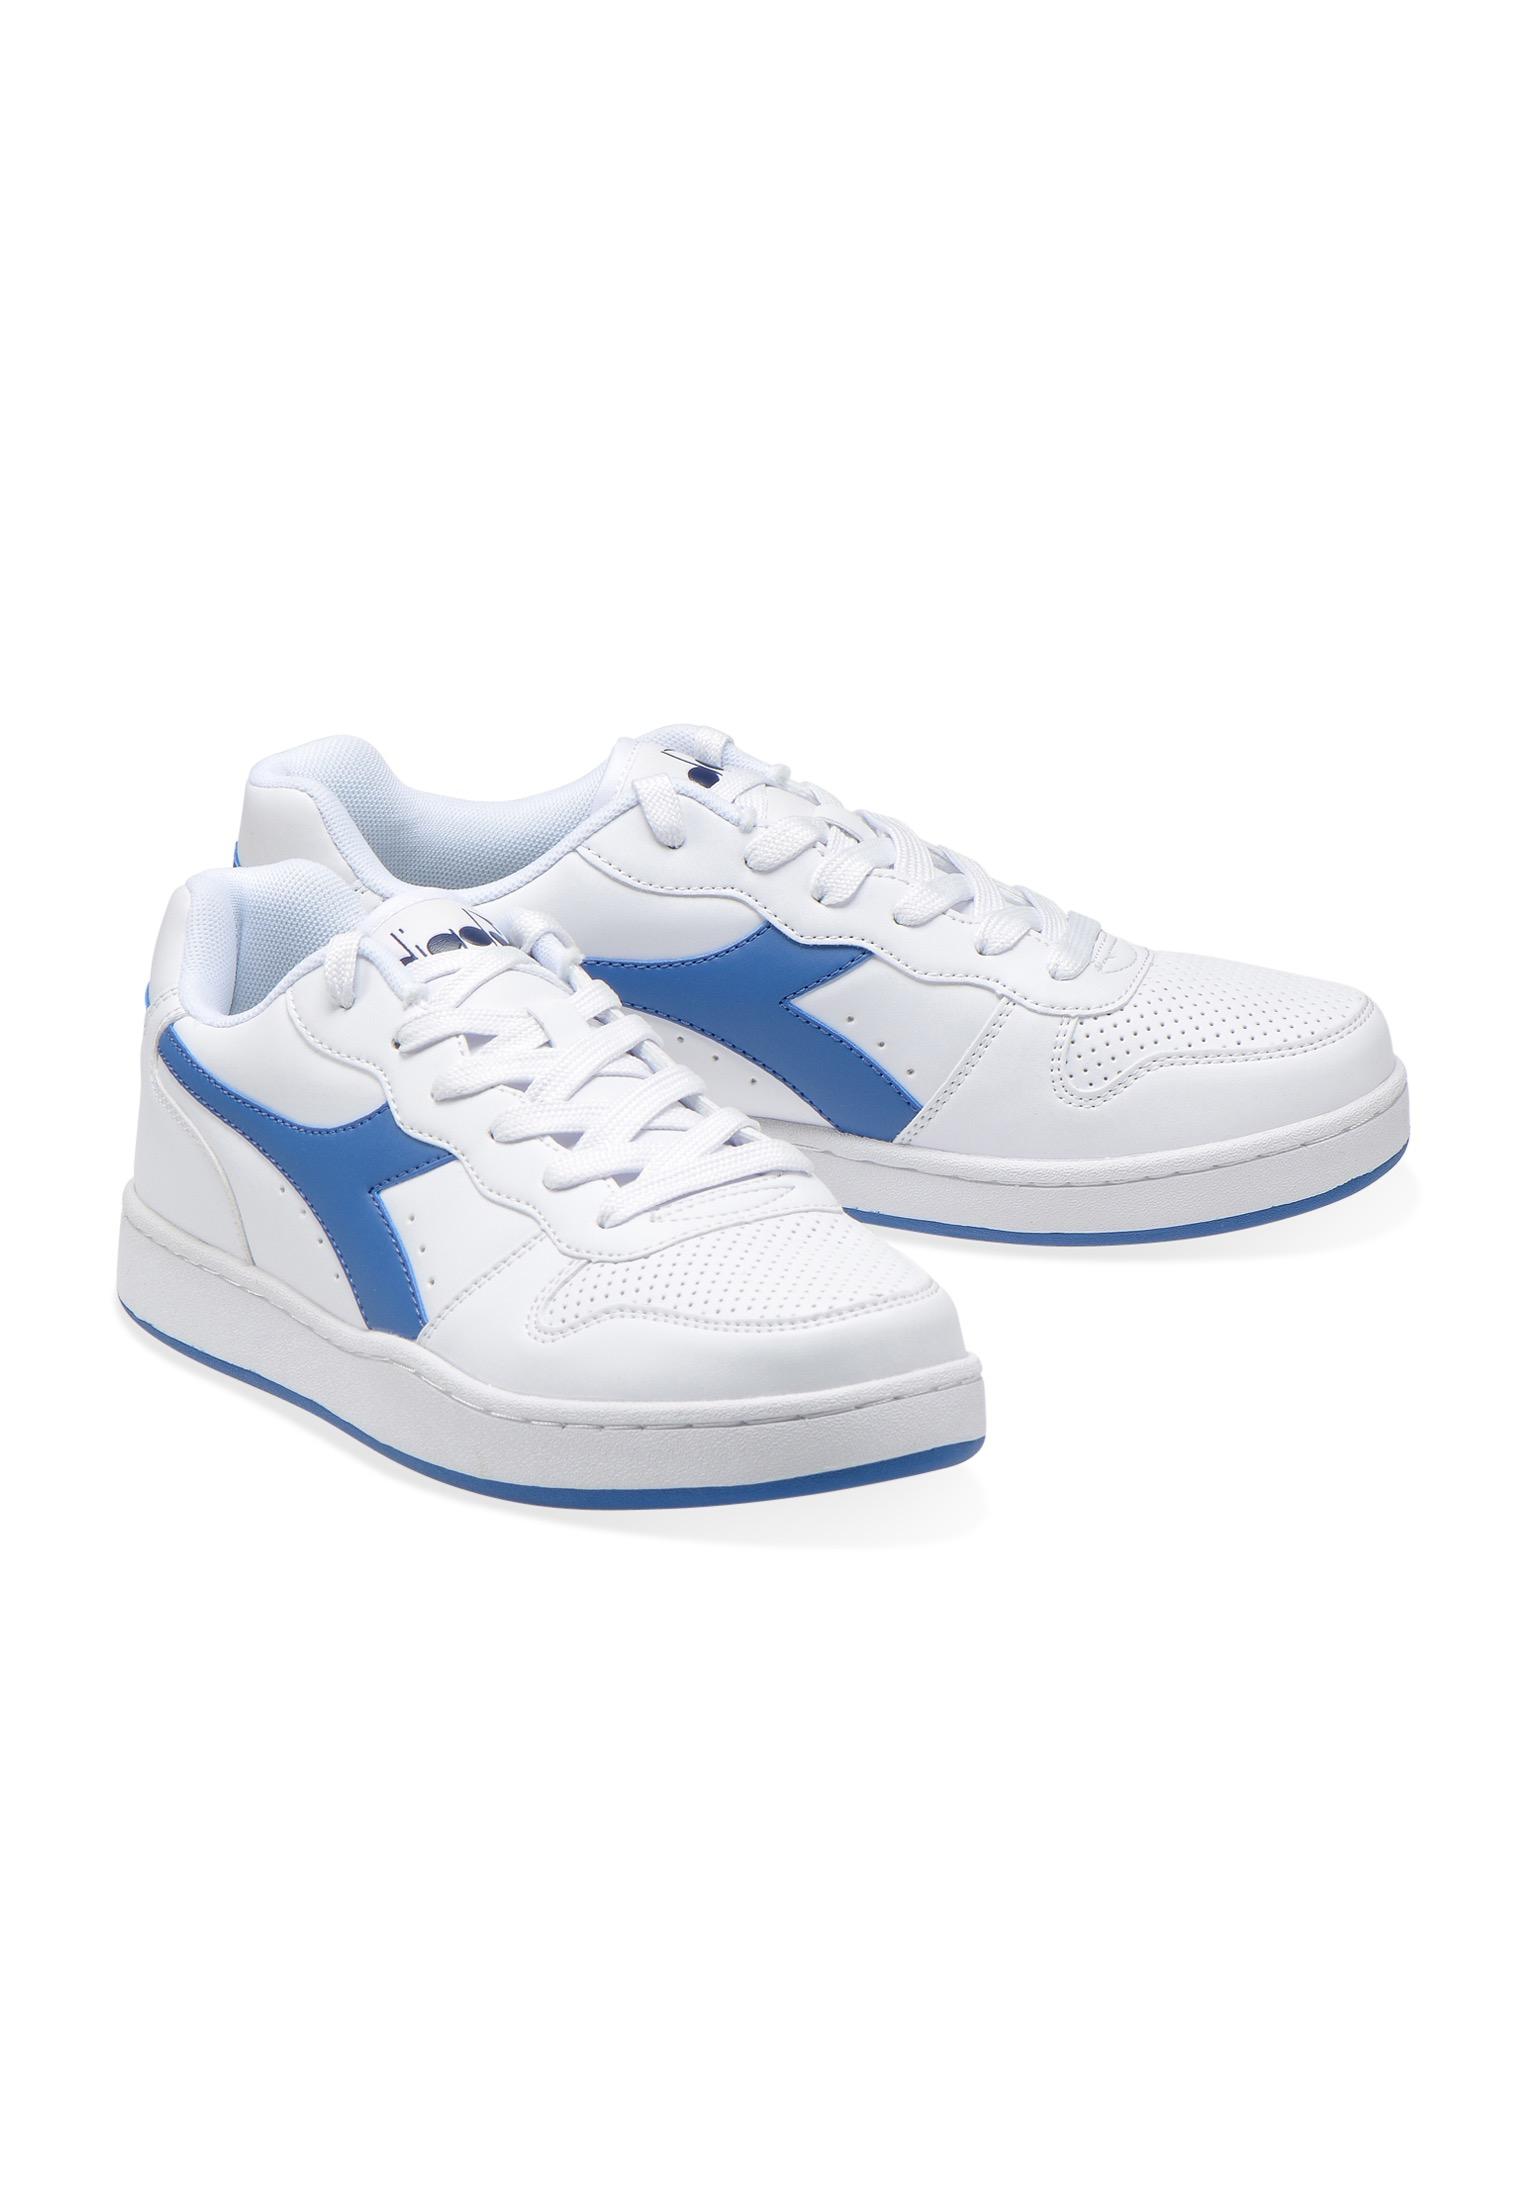 Scarpe-Diadora-Playground-Sneakers-sportive-uomo-donna-vari-colori-piu-taglie miniatura 29